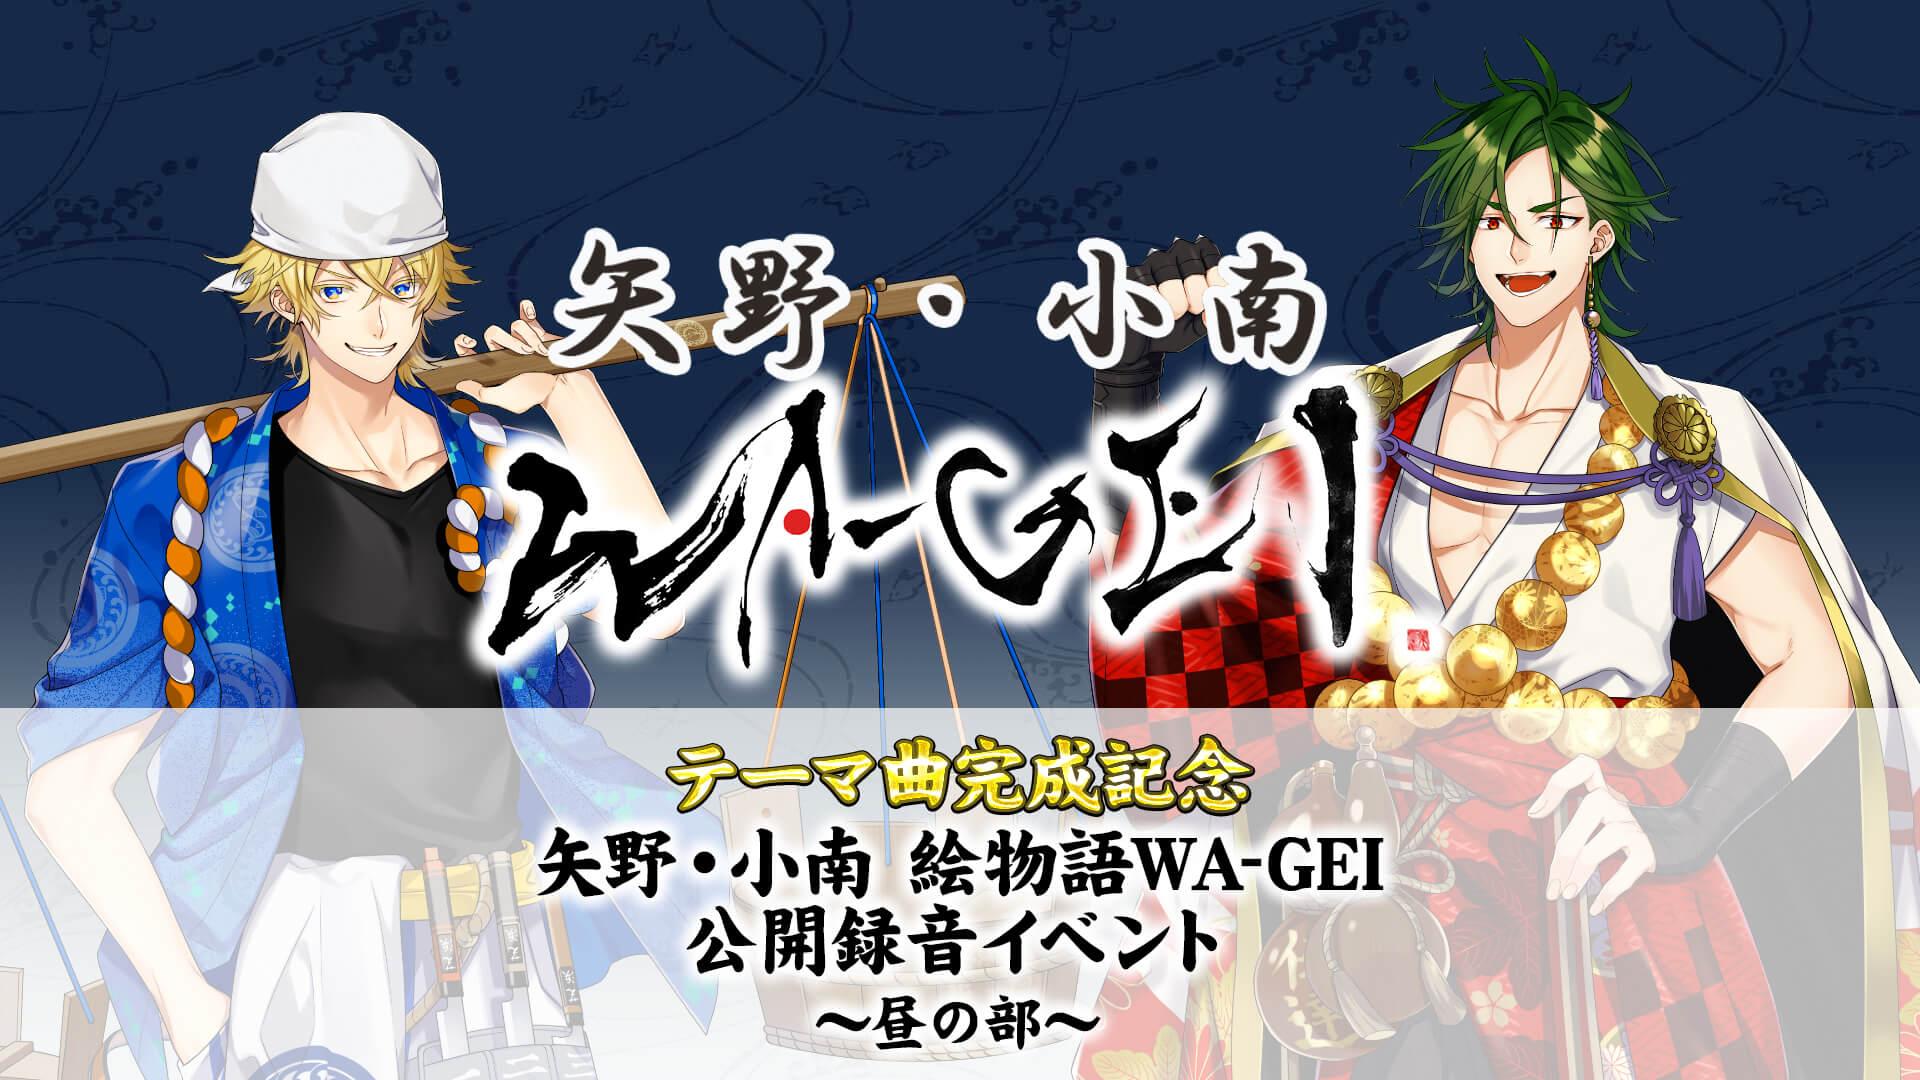 6月6日開催イベント「矢野・小南 絵物語WA-GEI」YouTubeLive無料配信決定!URLはコチラ!